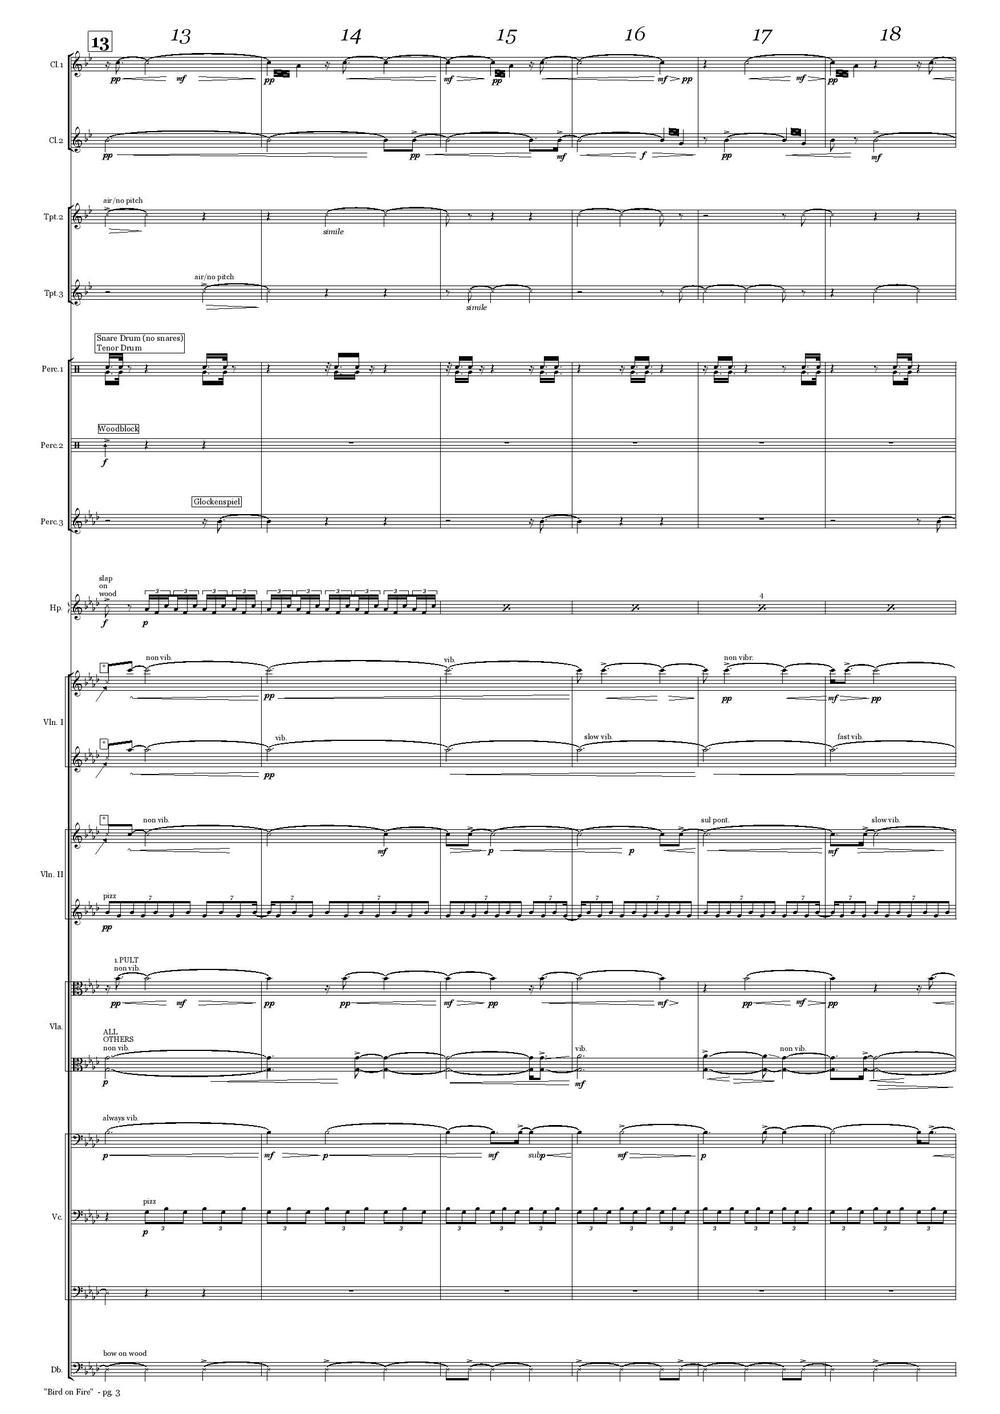 Bird on Fire - score-page-006.jpg